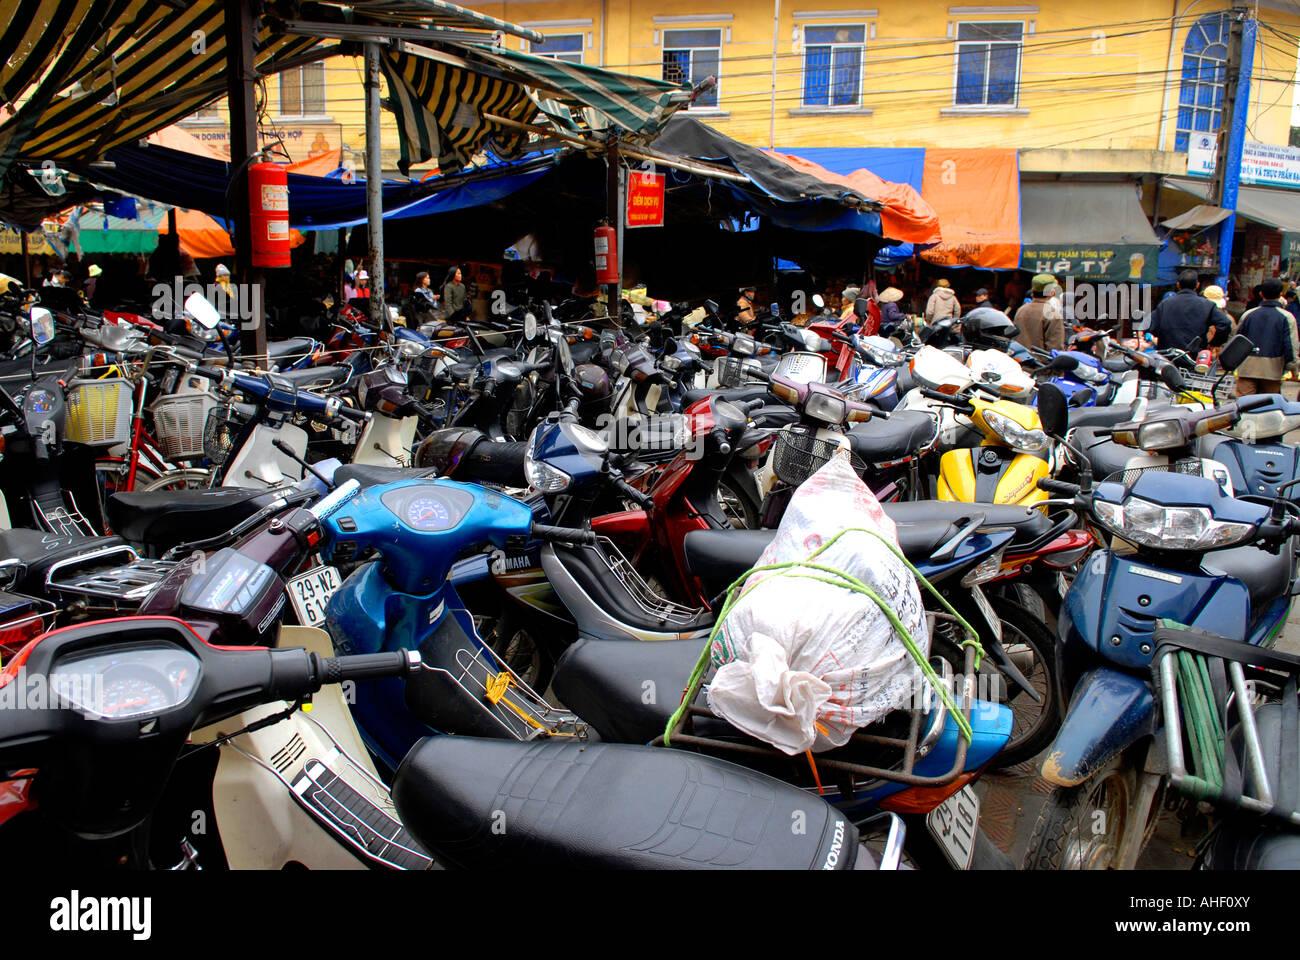 Vietnam Hanoi Hang Be Market Typical Motor Bike Park Full Of